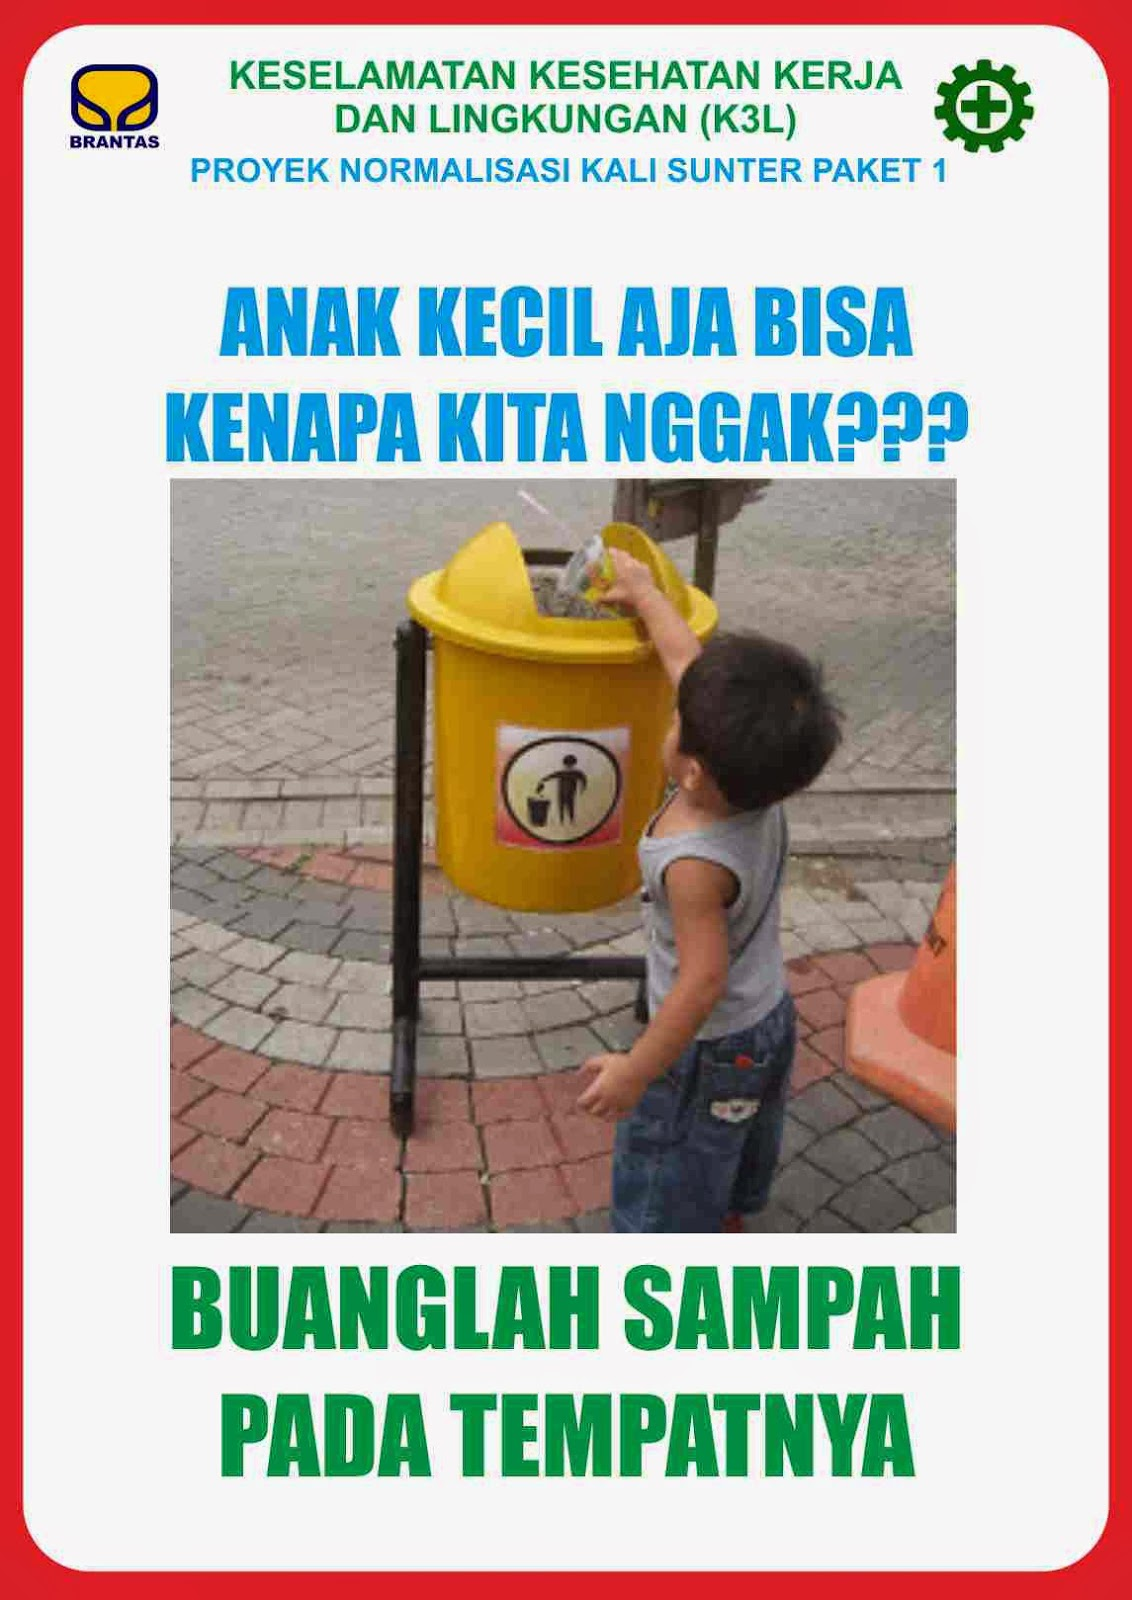 Pelanggaran Iklan Contoh Kampanye Tentang Membuang Sampah